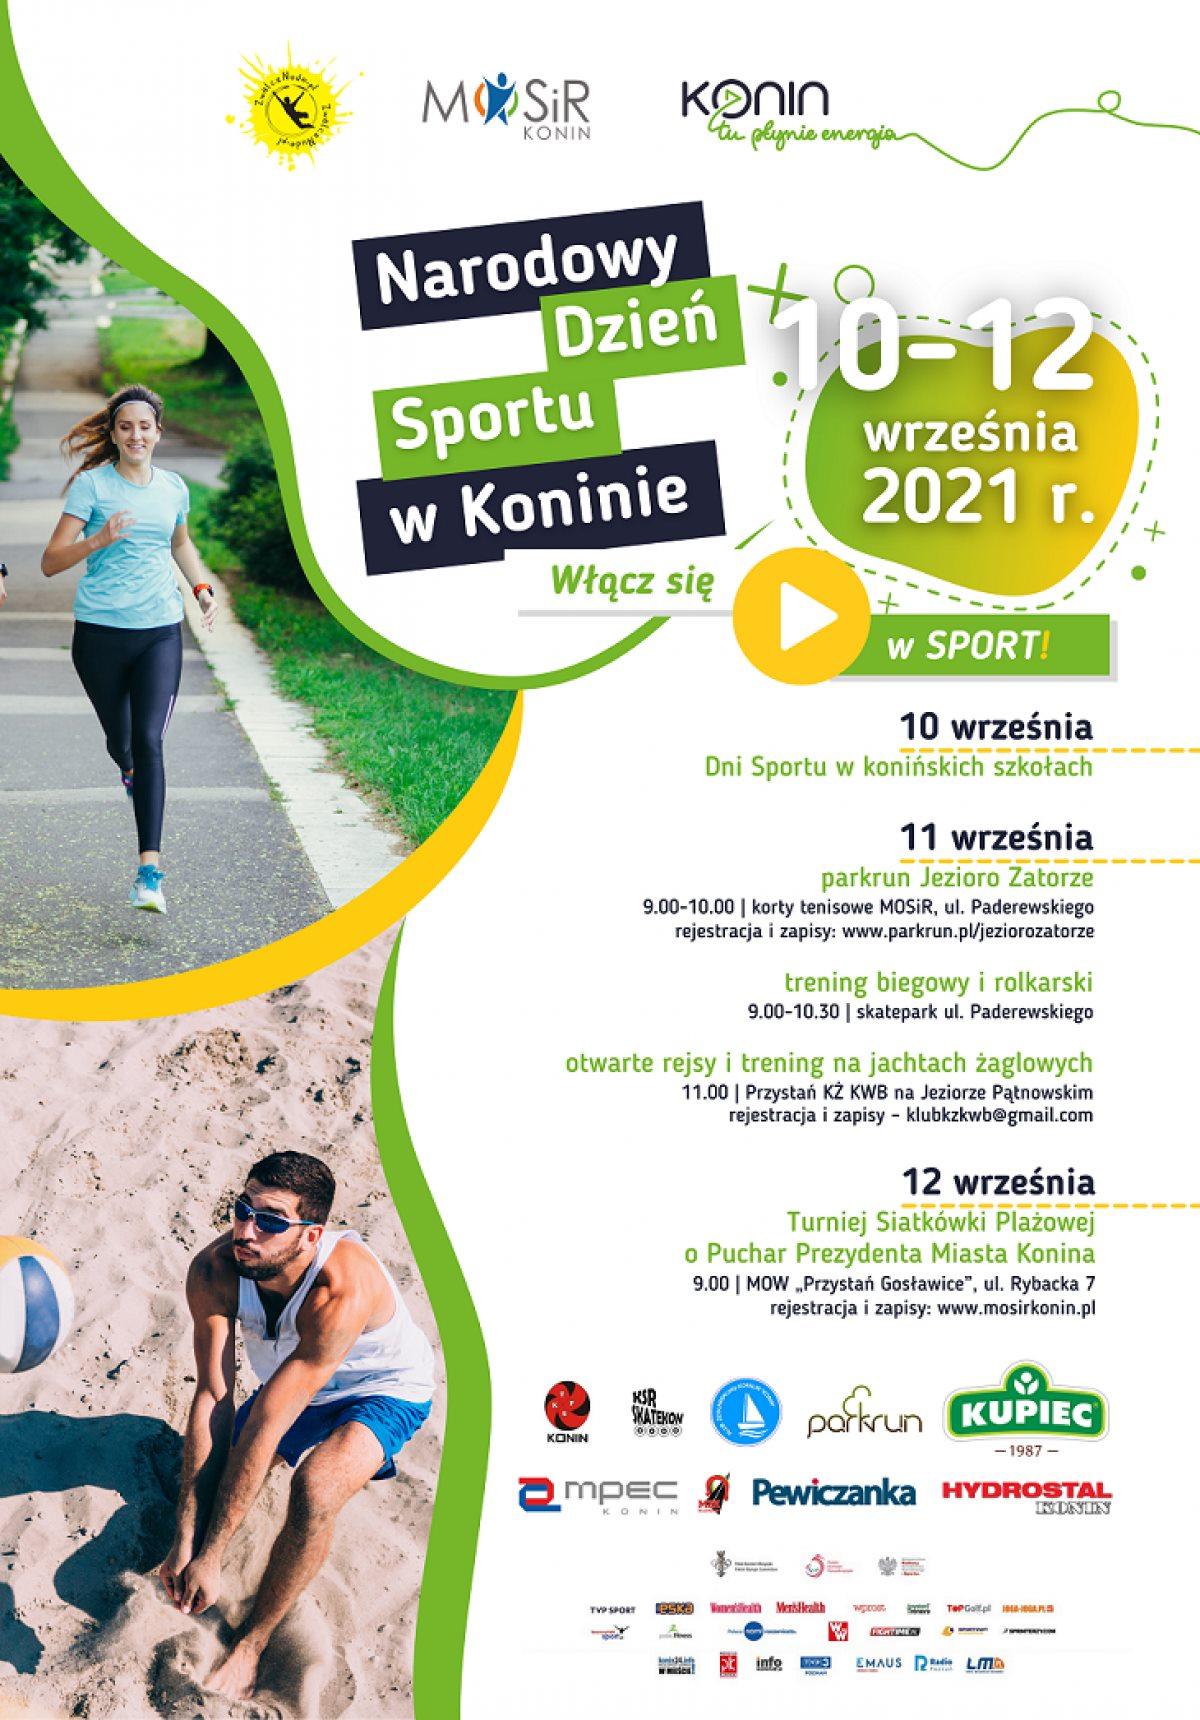 Konin jest miastem partnerskim Narodowego Dnia Sportu